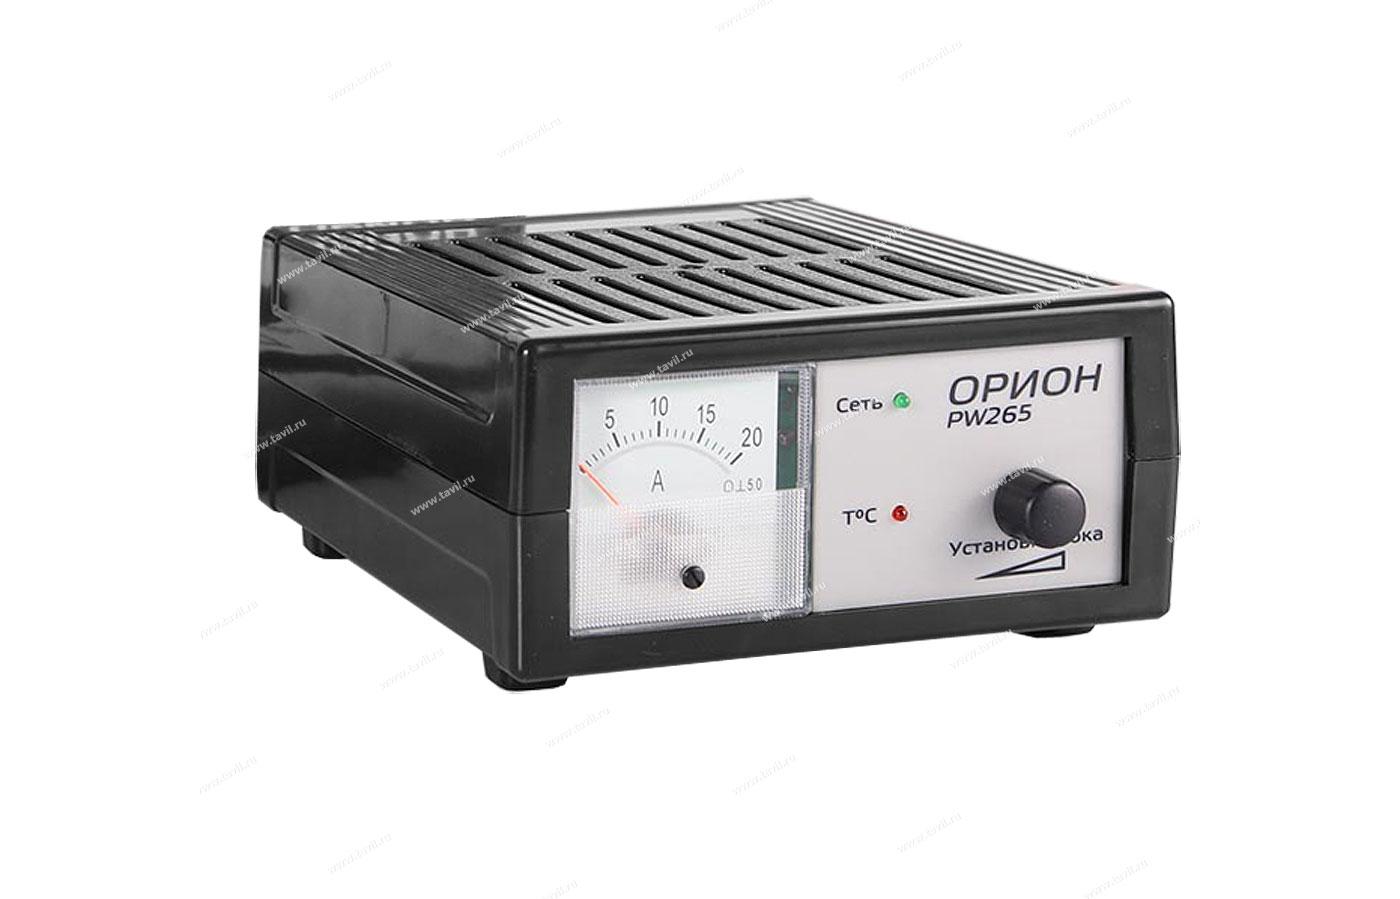 зарядное устройство орион pw265 инструкция пользователя